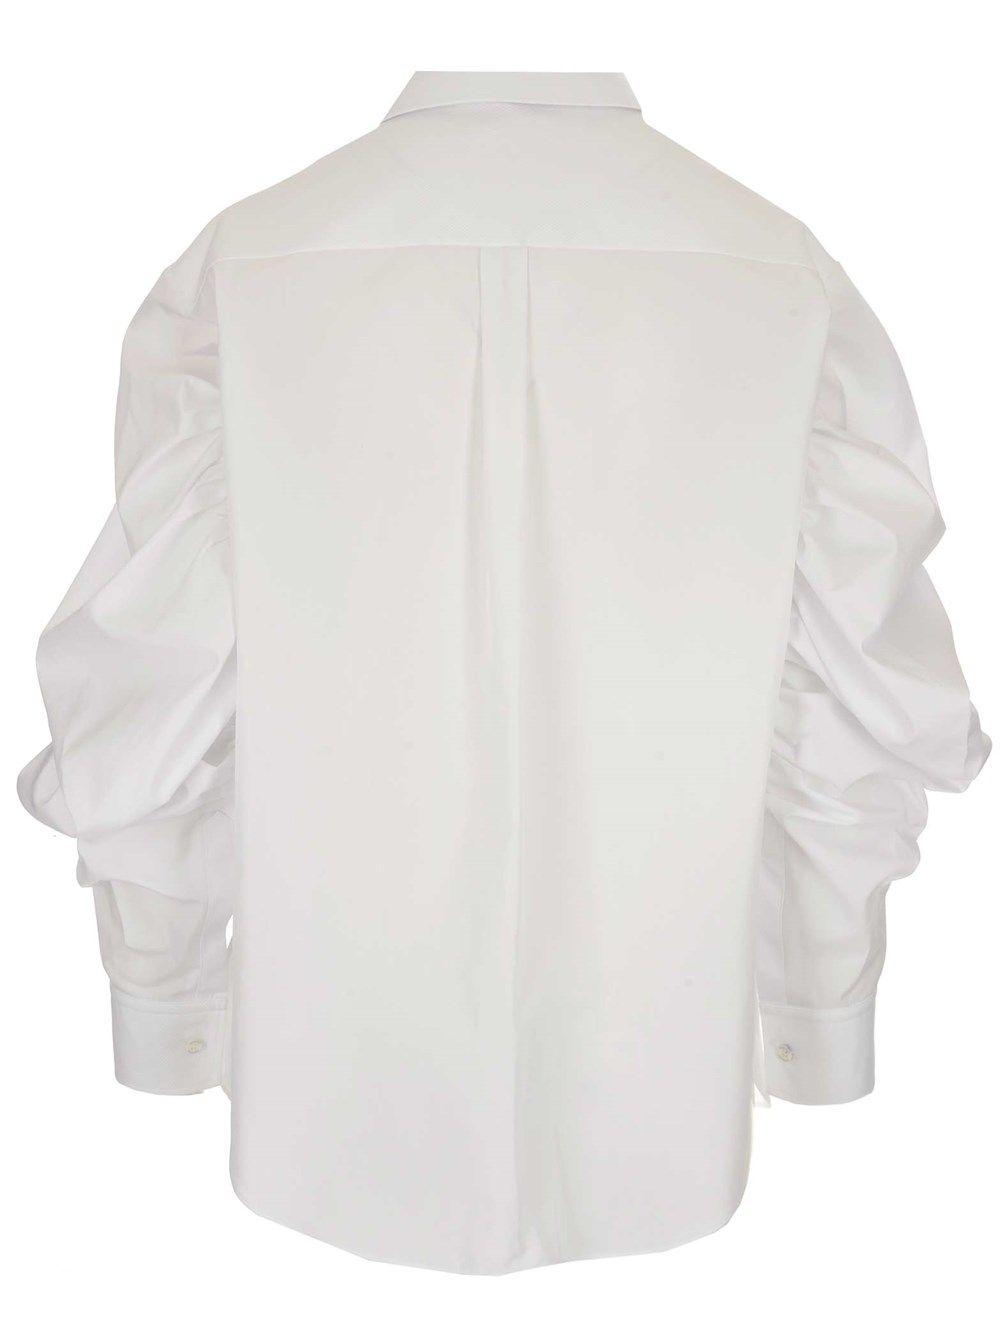 ALEXANDER MCQUEEN Cottons ALEXANDER MCQUEEN WOMEN'S BLACK OTHER MATERIALS SHIRT